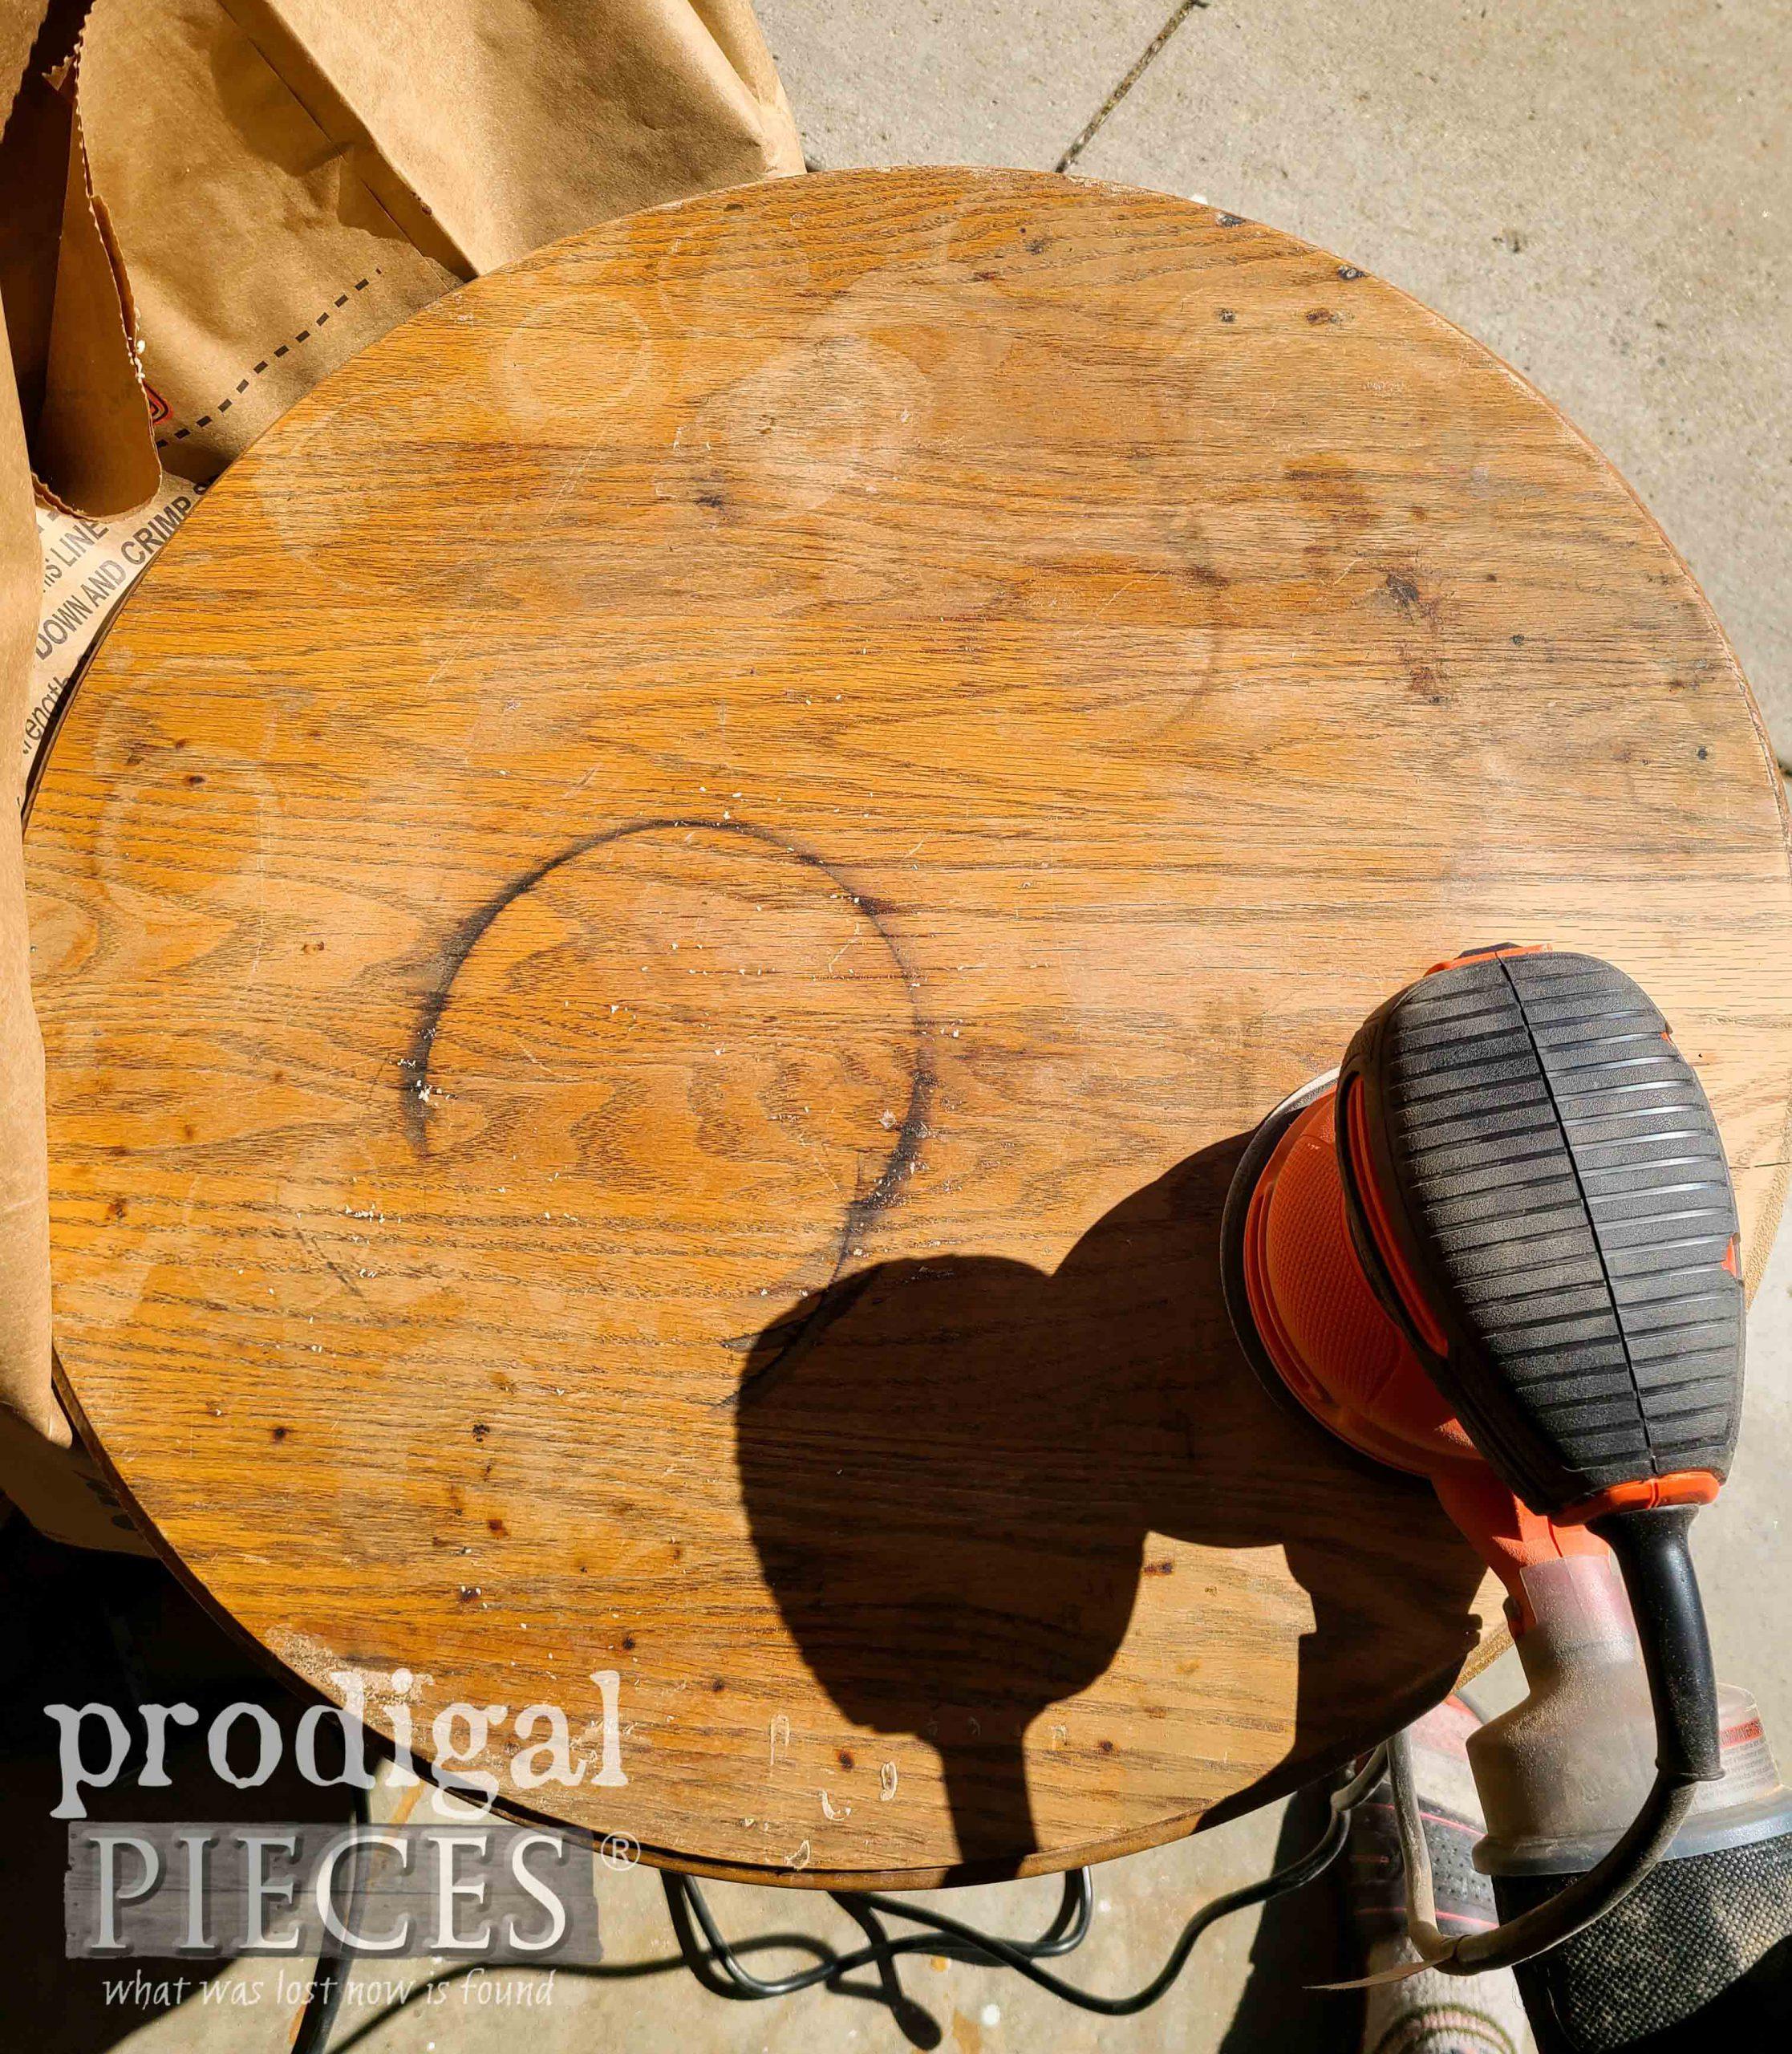 Damaged Oak Pedestal Table Top | prodigalpieces.com